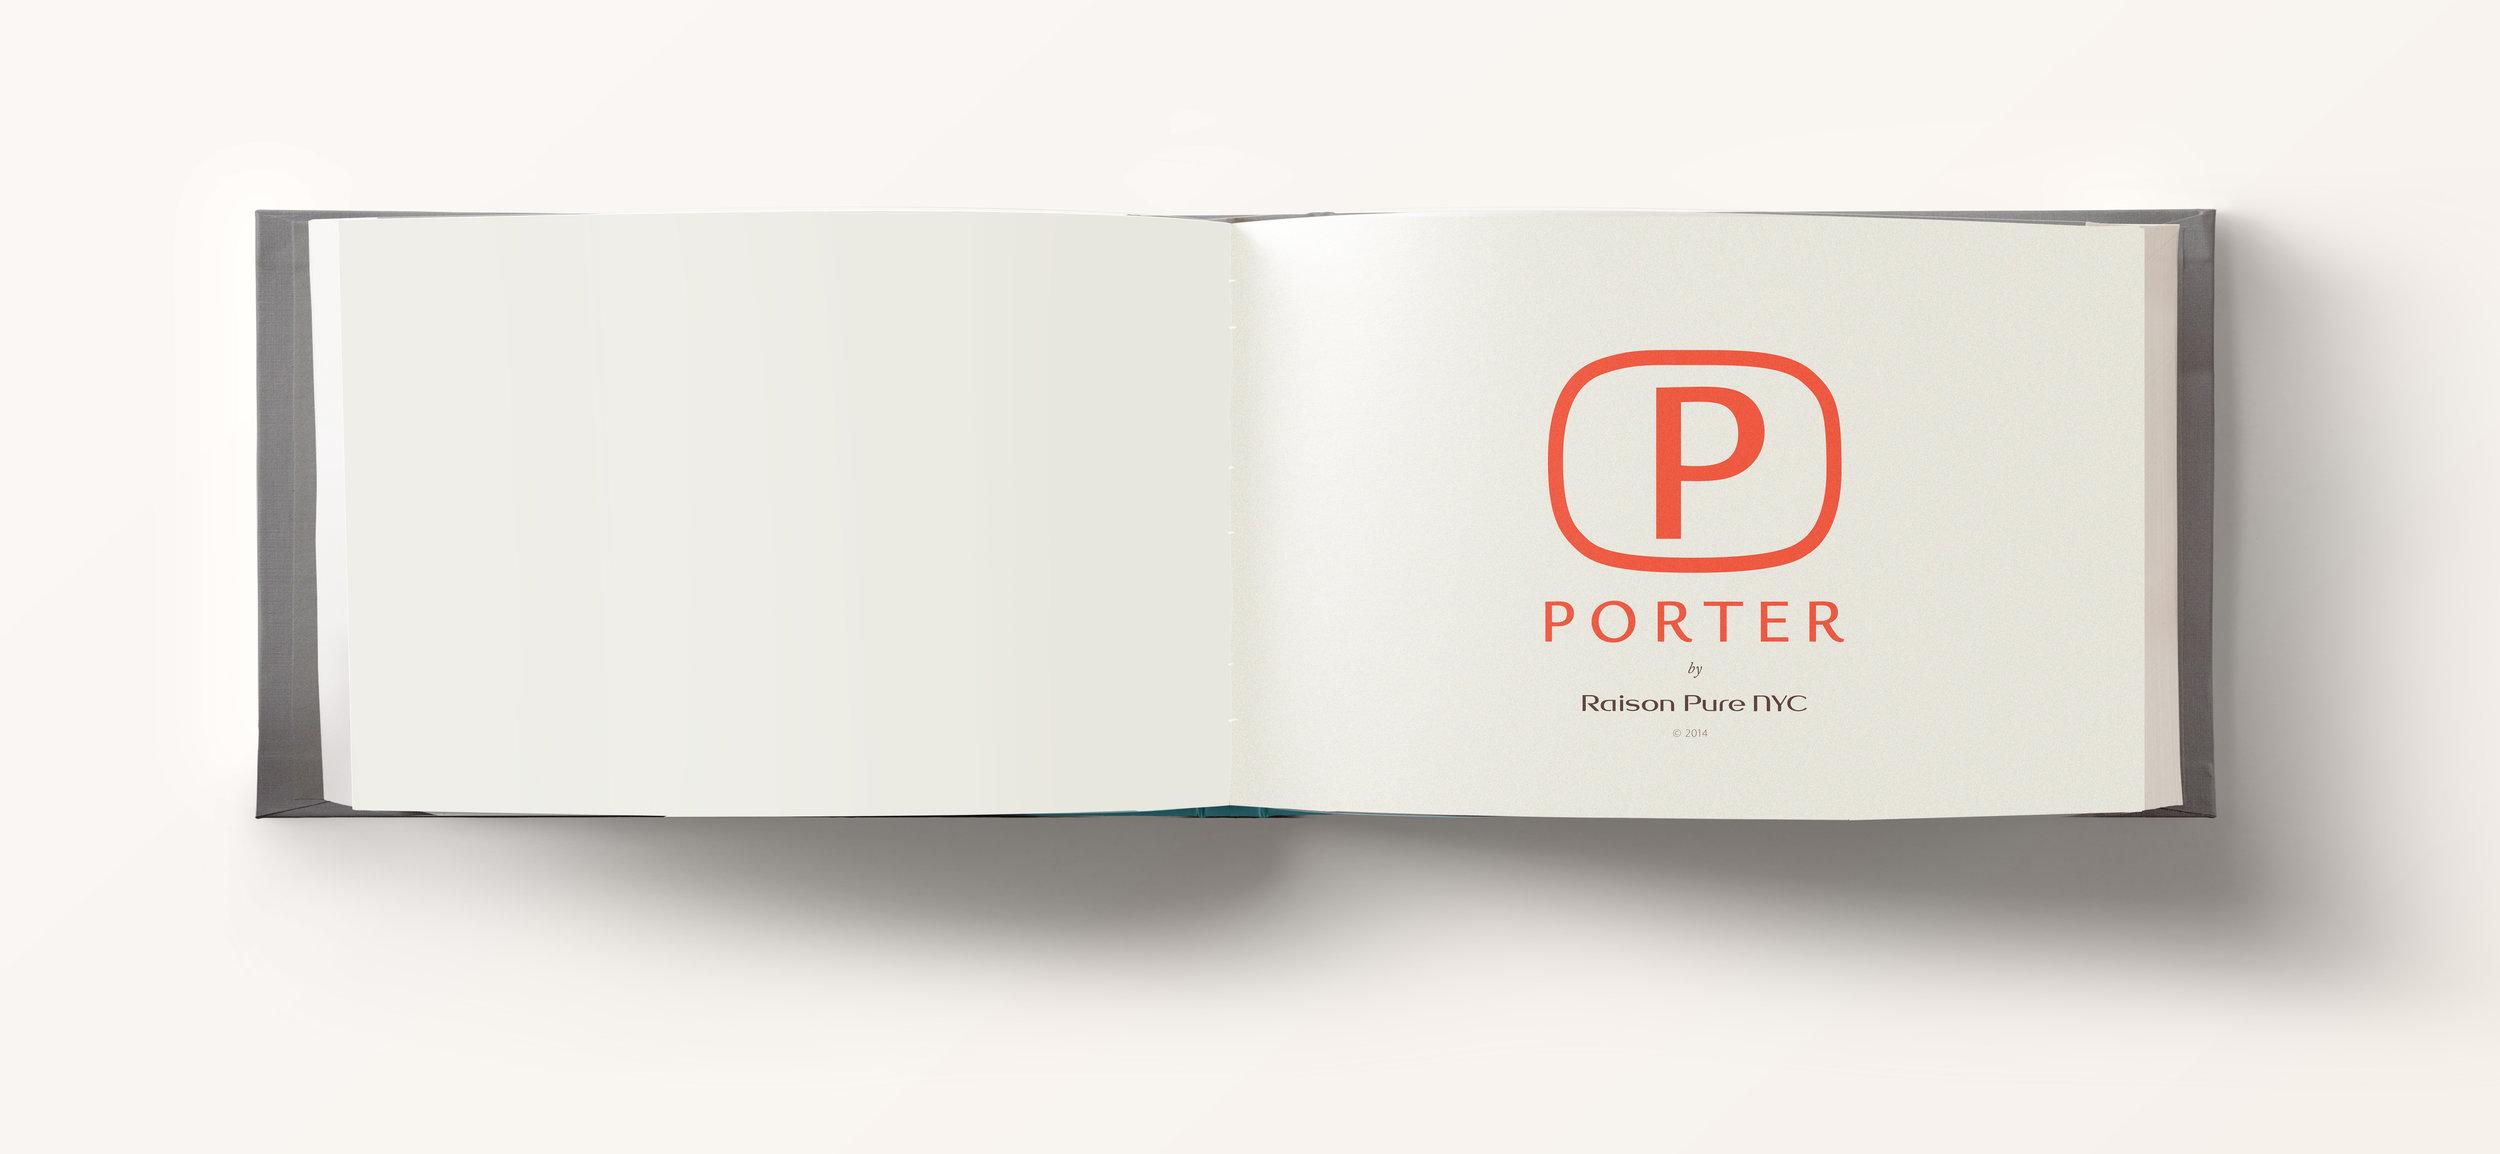 160526Mockup_porter1.jpg